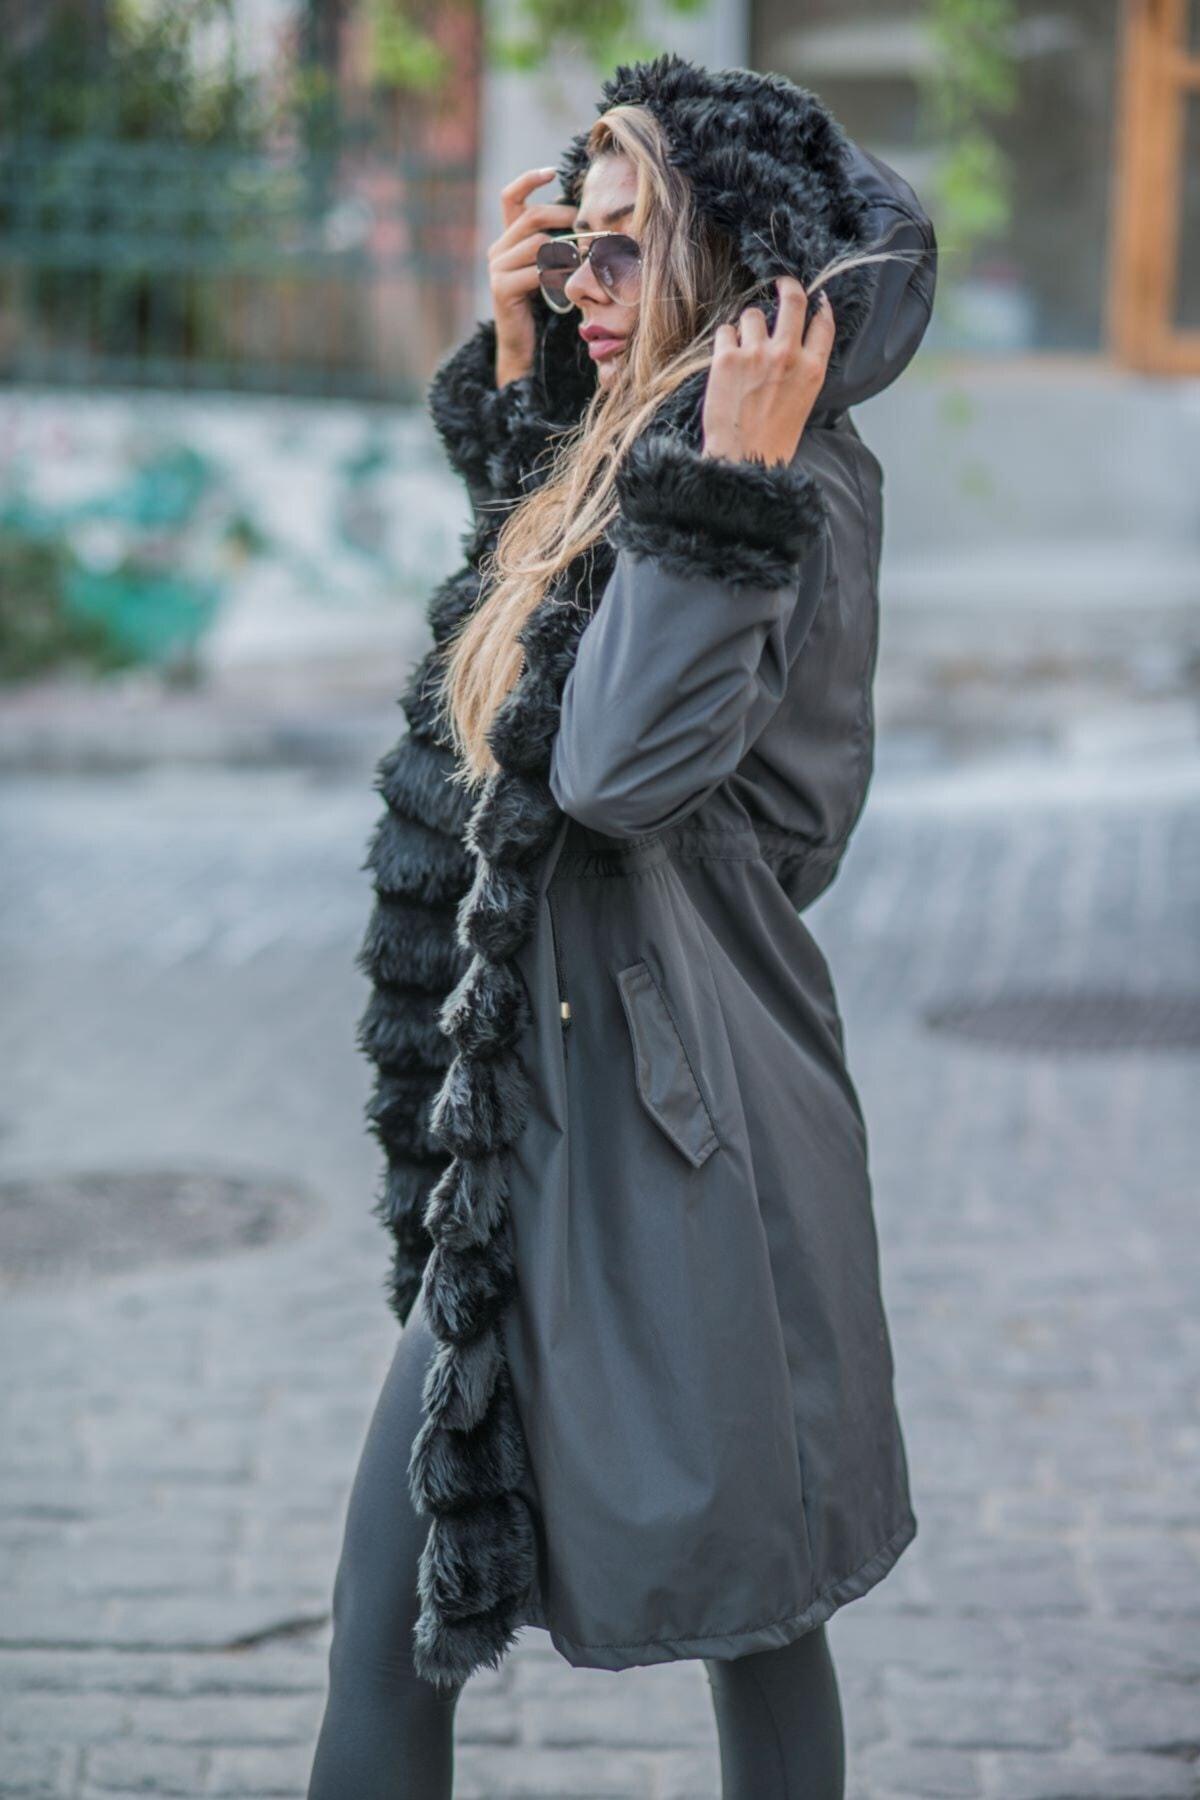 Keyifli Moda Kadın Siyah Su Geçirmez Içi Kürklü Kapüşonlu Kürk Yaka Kaban 2